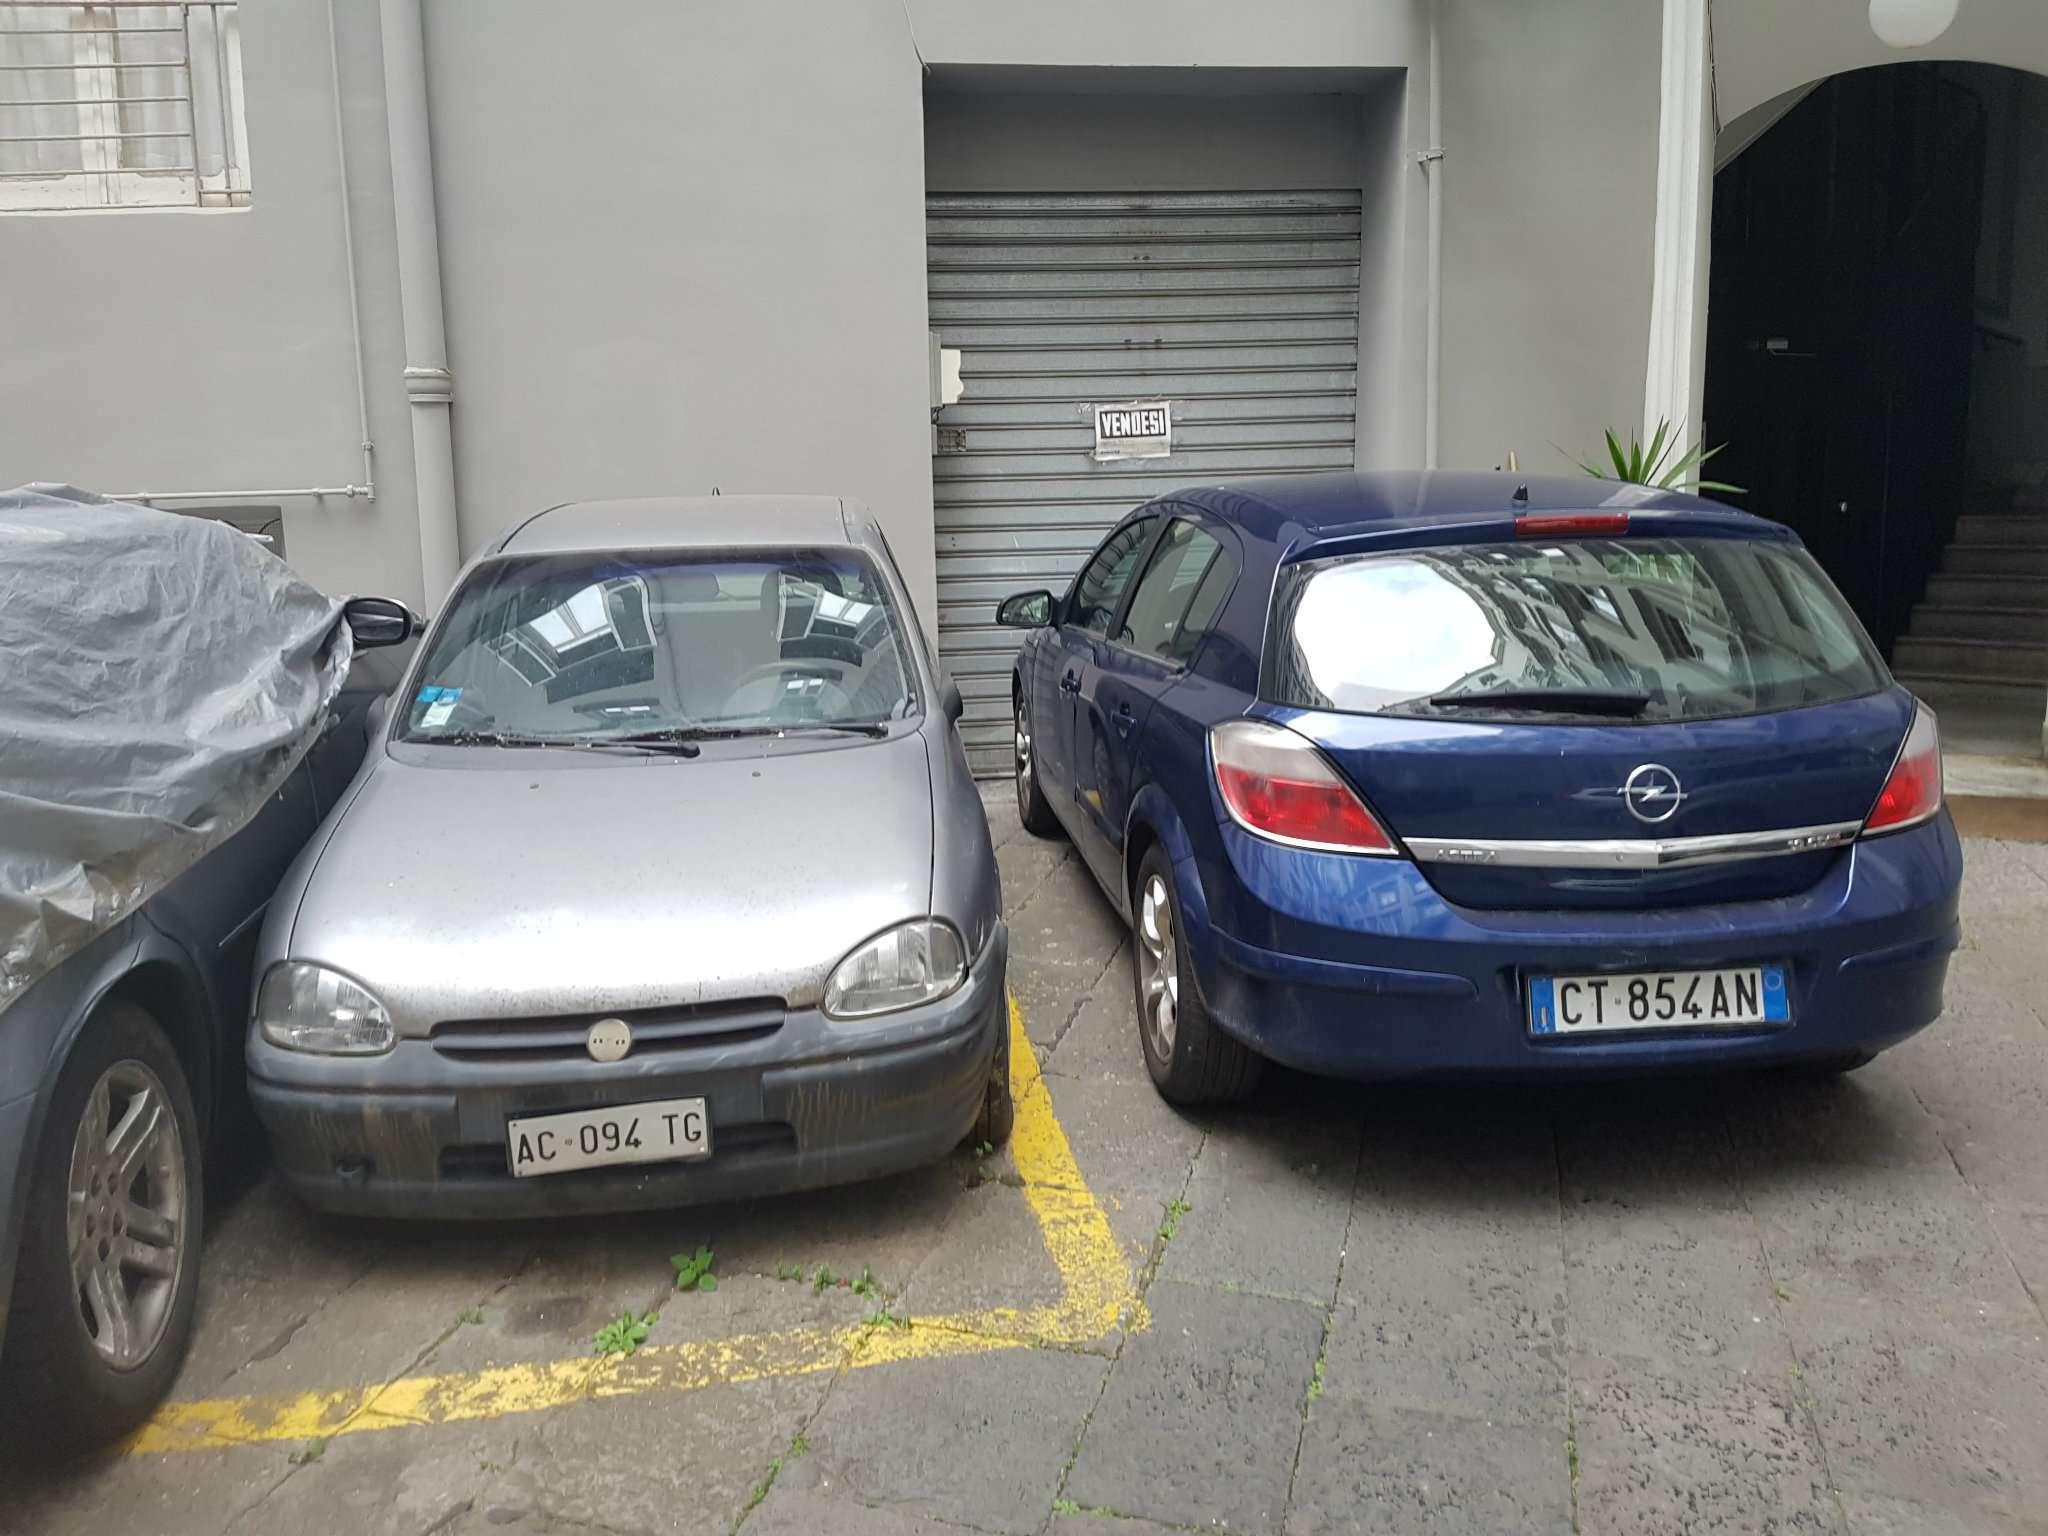 Box / Garage in vendita a Napoli, 1 locali, zona Zona: 1 . Chiaia, Posillipo, San Ferdinando, prezzo € 210.000 | Cambio Casa.it